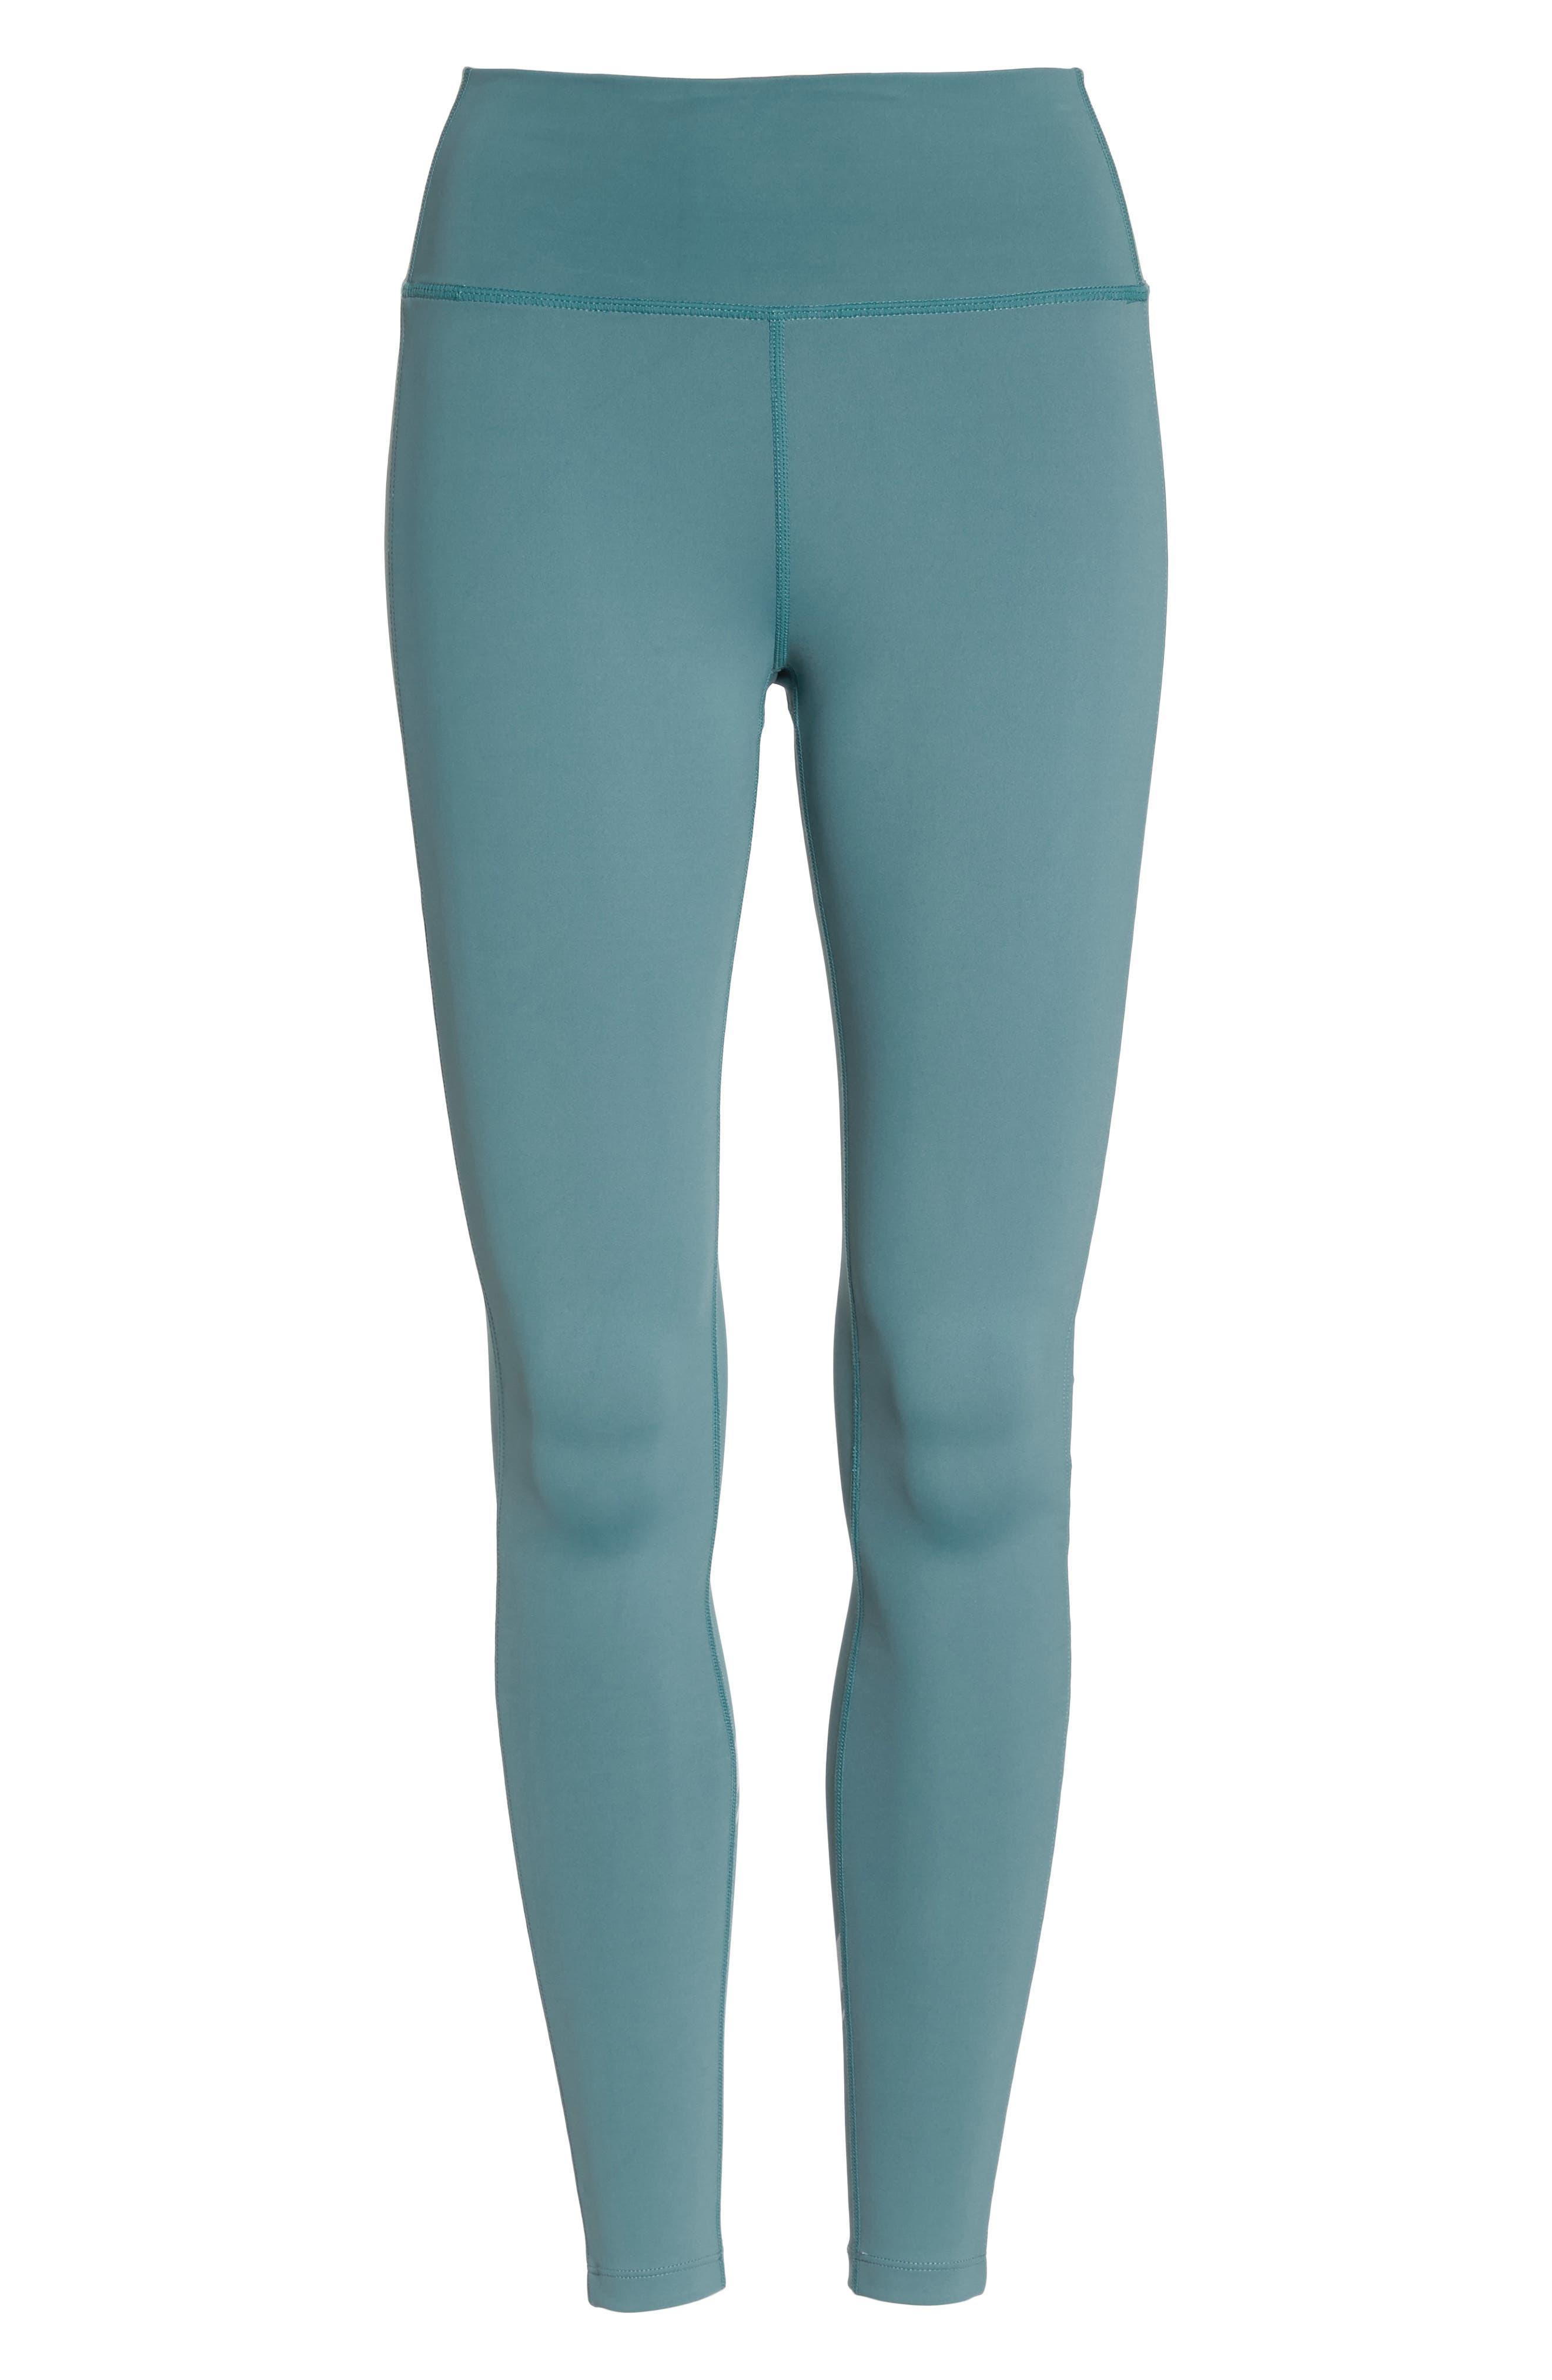 Horizon Ankle Leggings,                             Alternate thumbnail 7, color,                             Blue Surf/ Off White